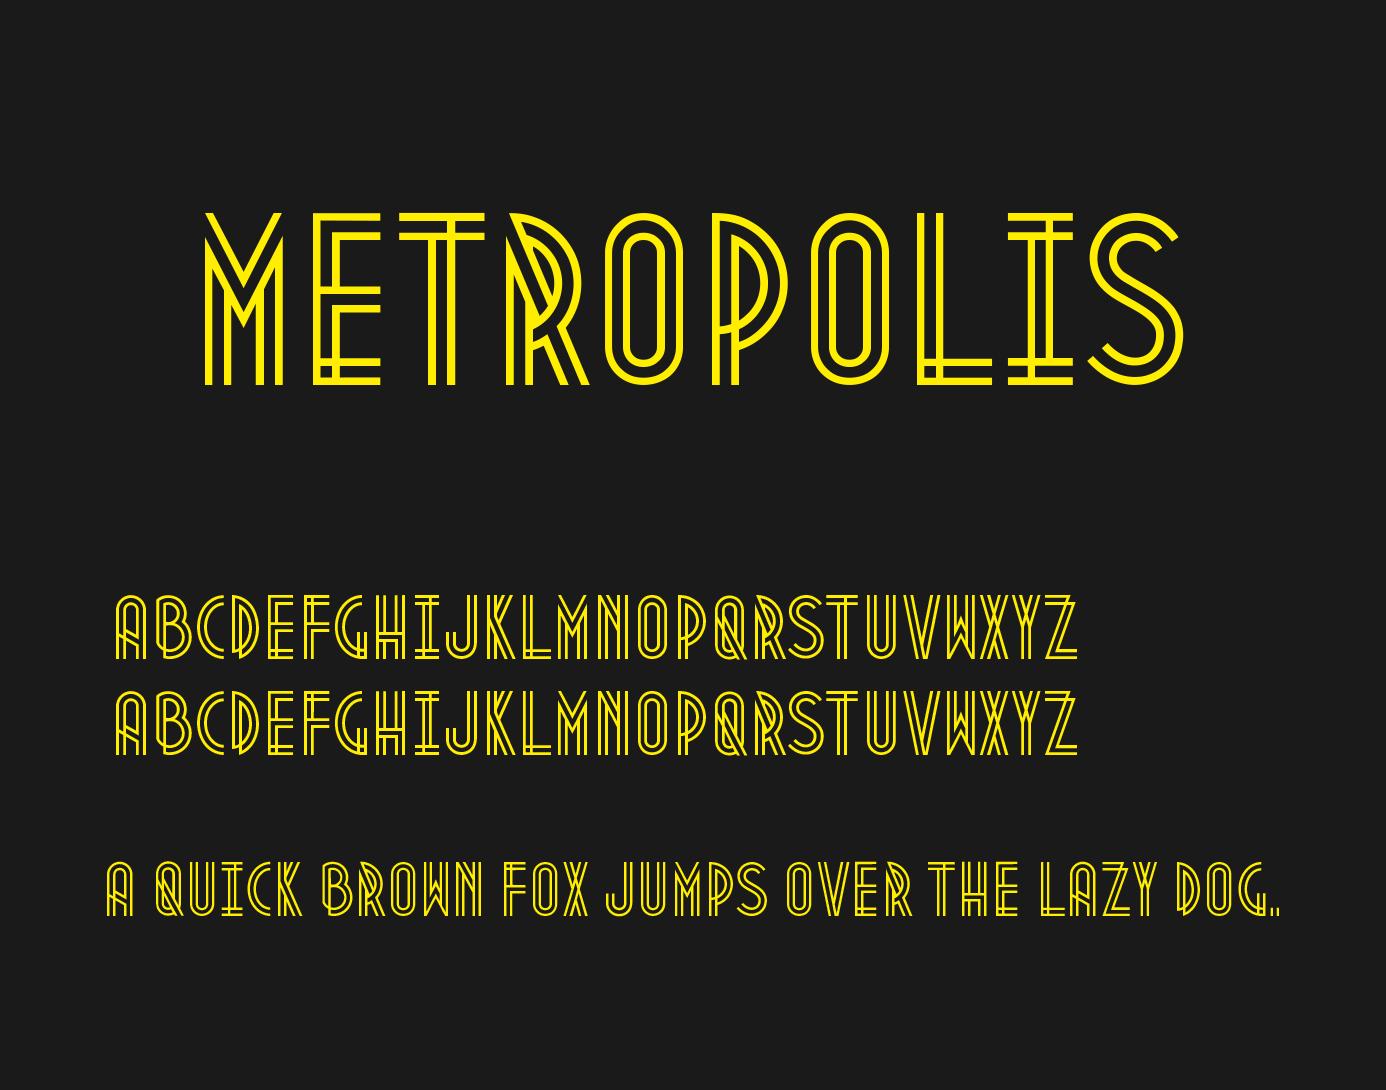 metropolis-font